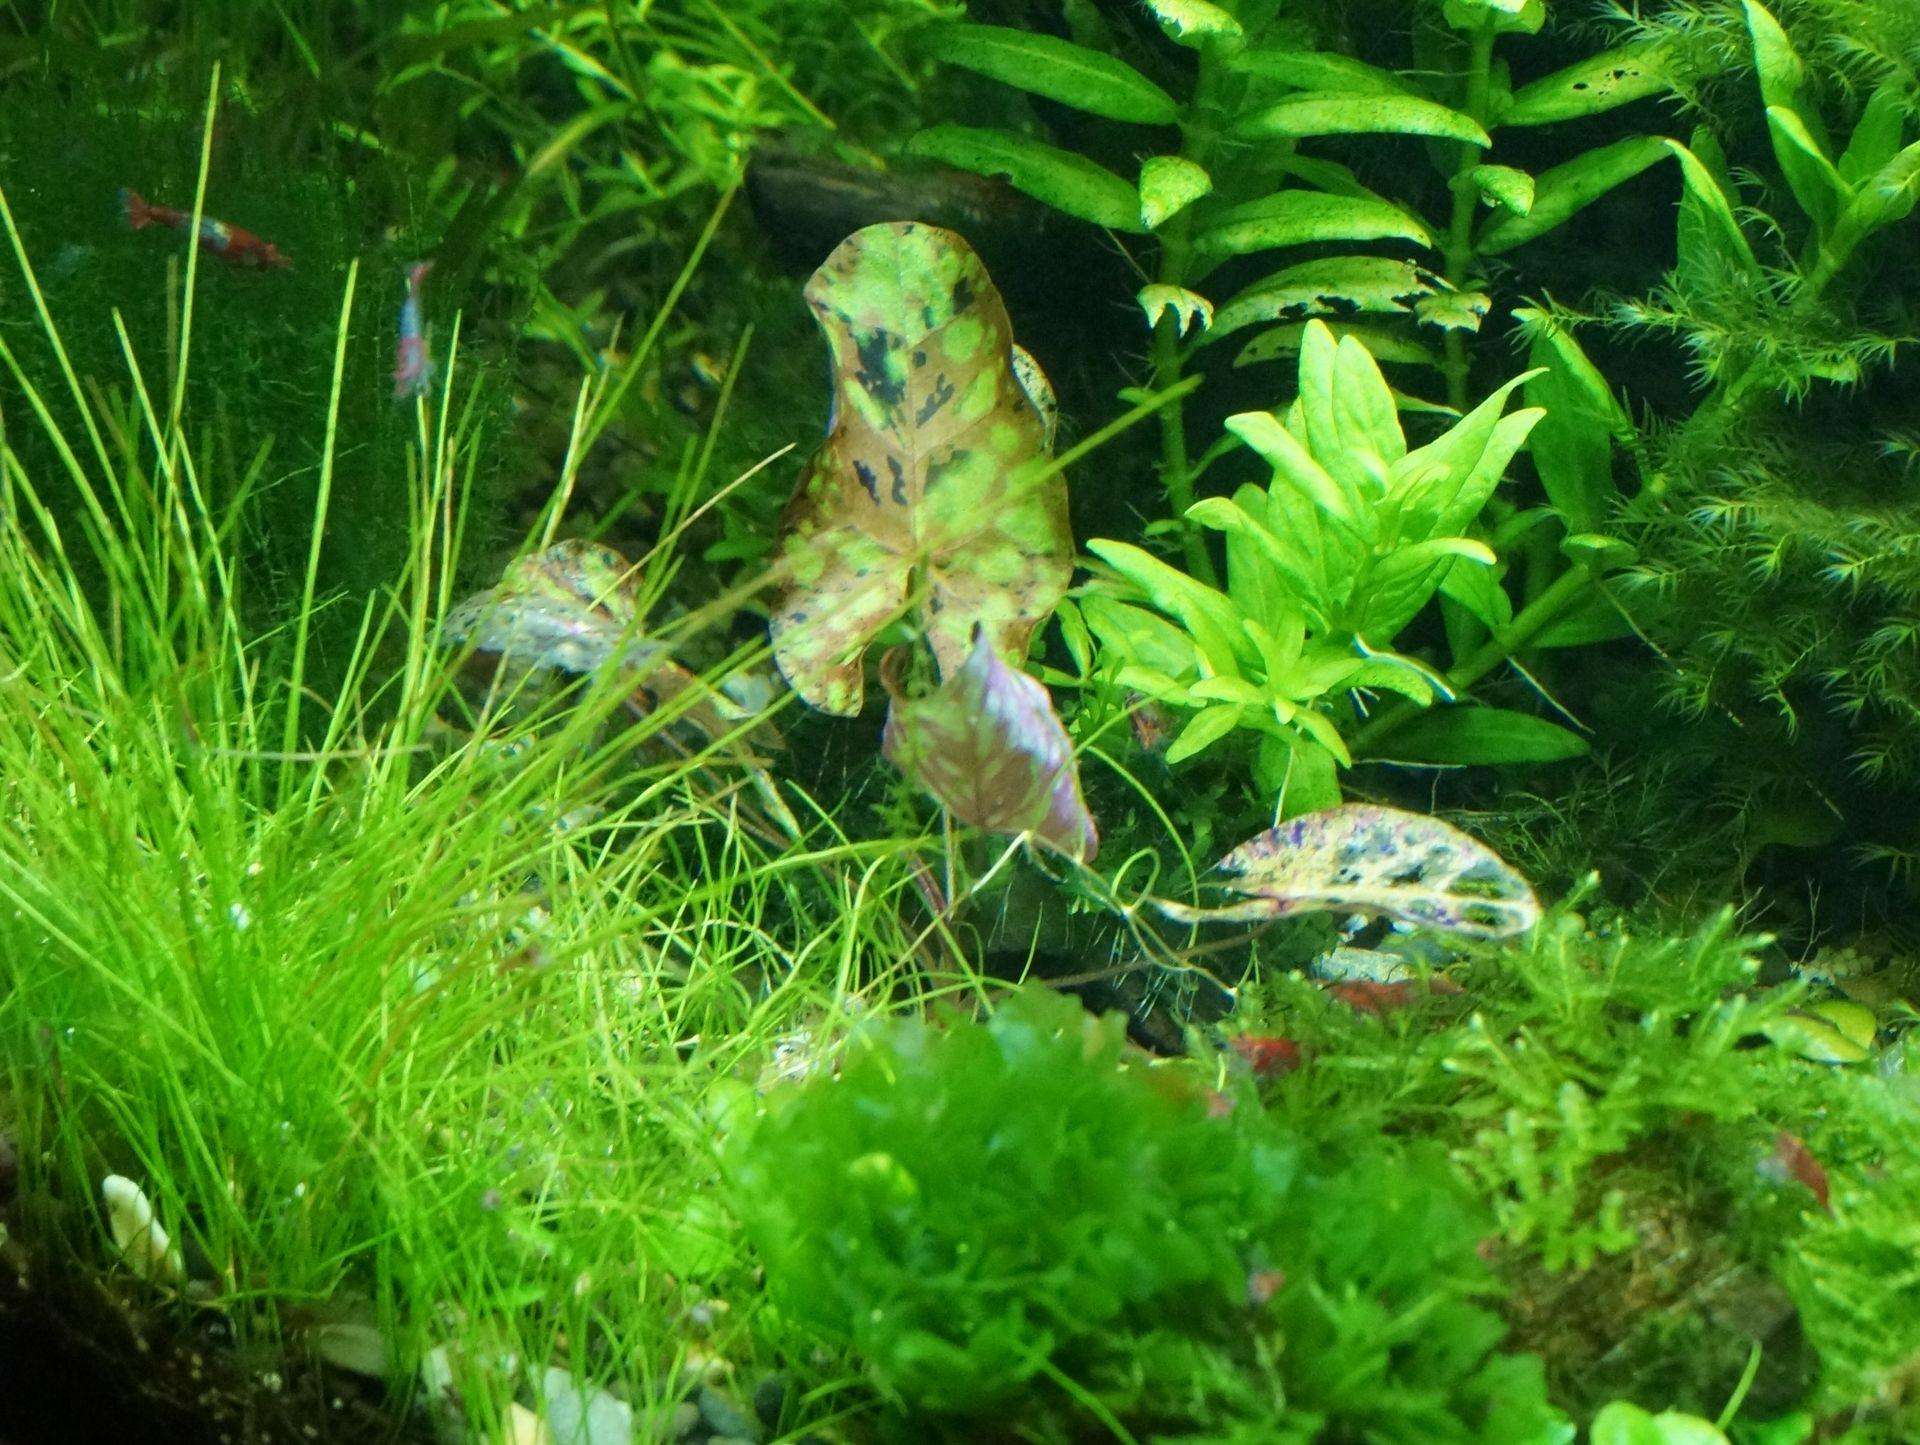 Болезни аквариумных растений.Недостаток фосфатов в аквариуме.